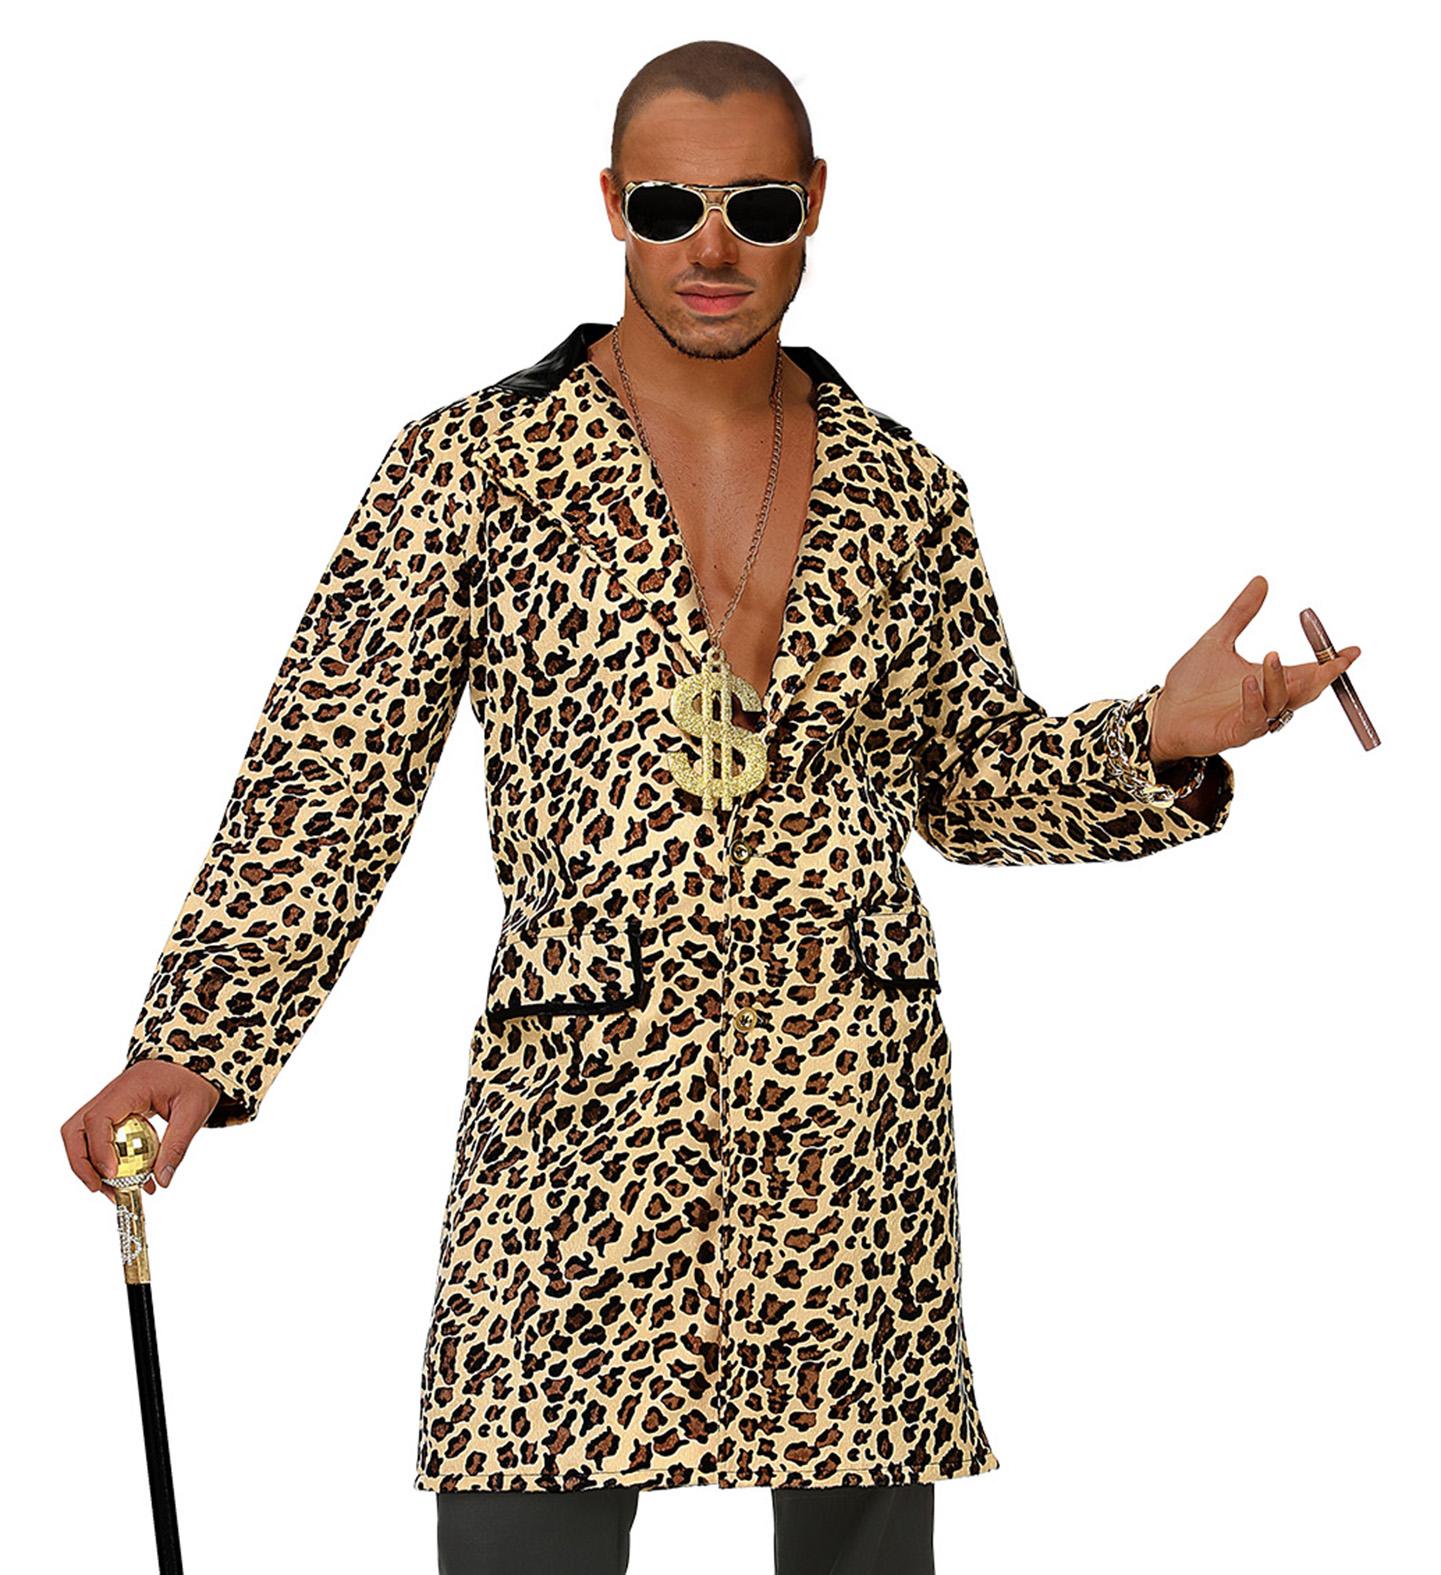 cfc5a733258e Details about Mens Male Leopard Print Pimp Suit Fancy Dress Costume Outfit  M/L